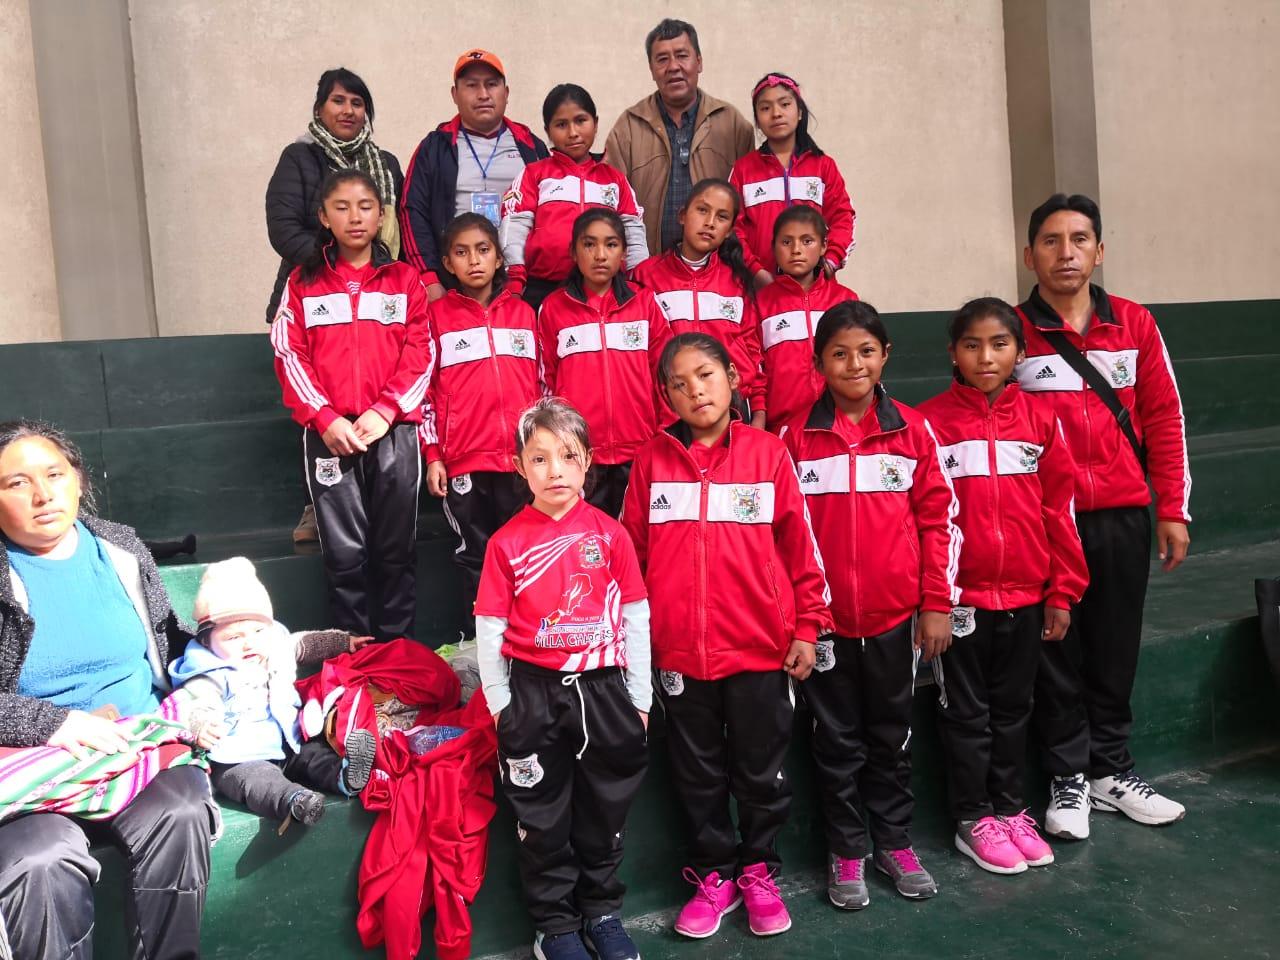 Incahuasi y Villa Charcas en voleibol marchan a paso de campeón